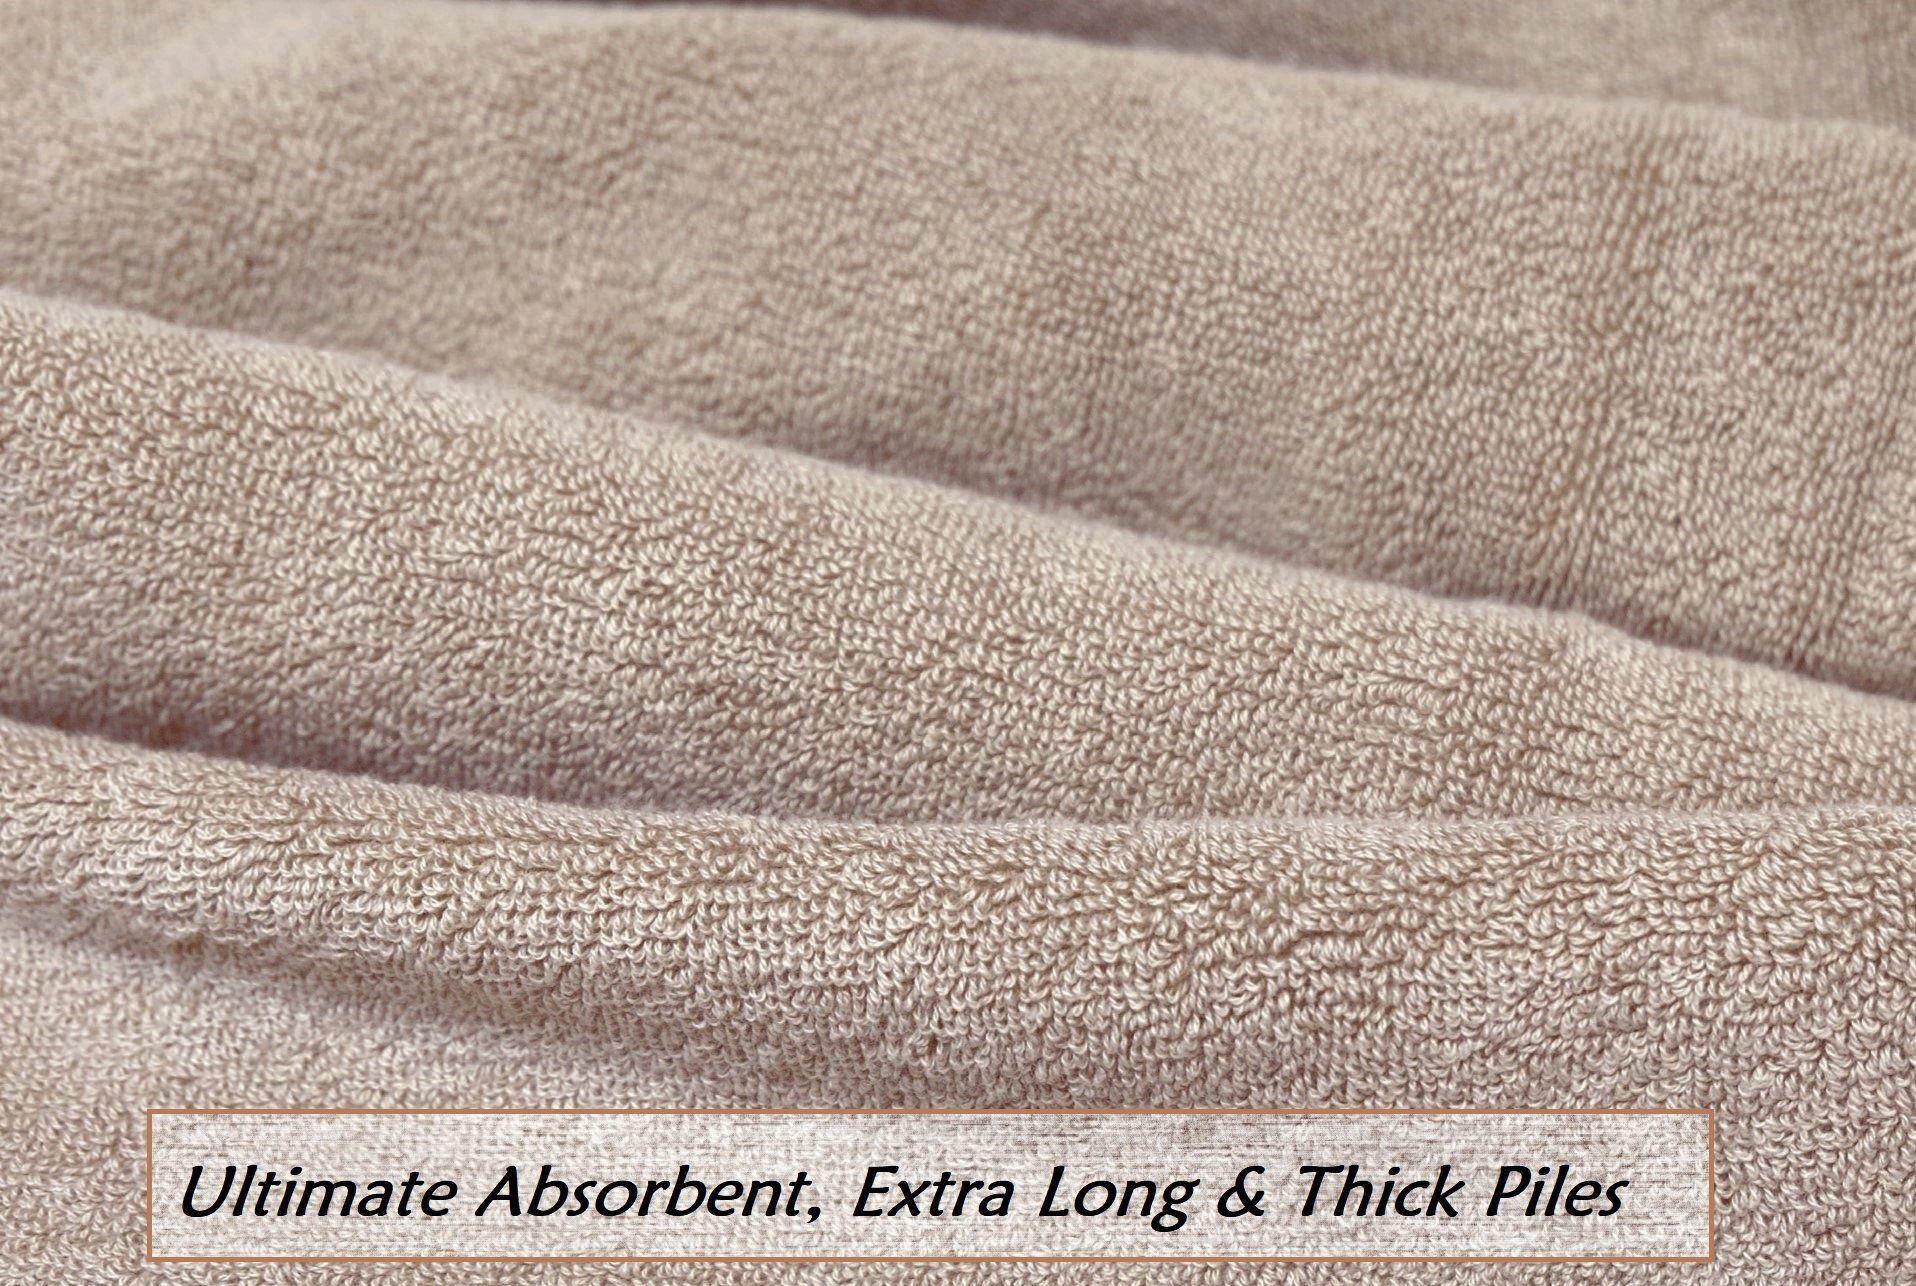 Lint Free Single Oversized Premium Turkish Towel Set 1 Extra Large